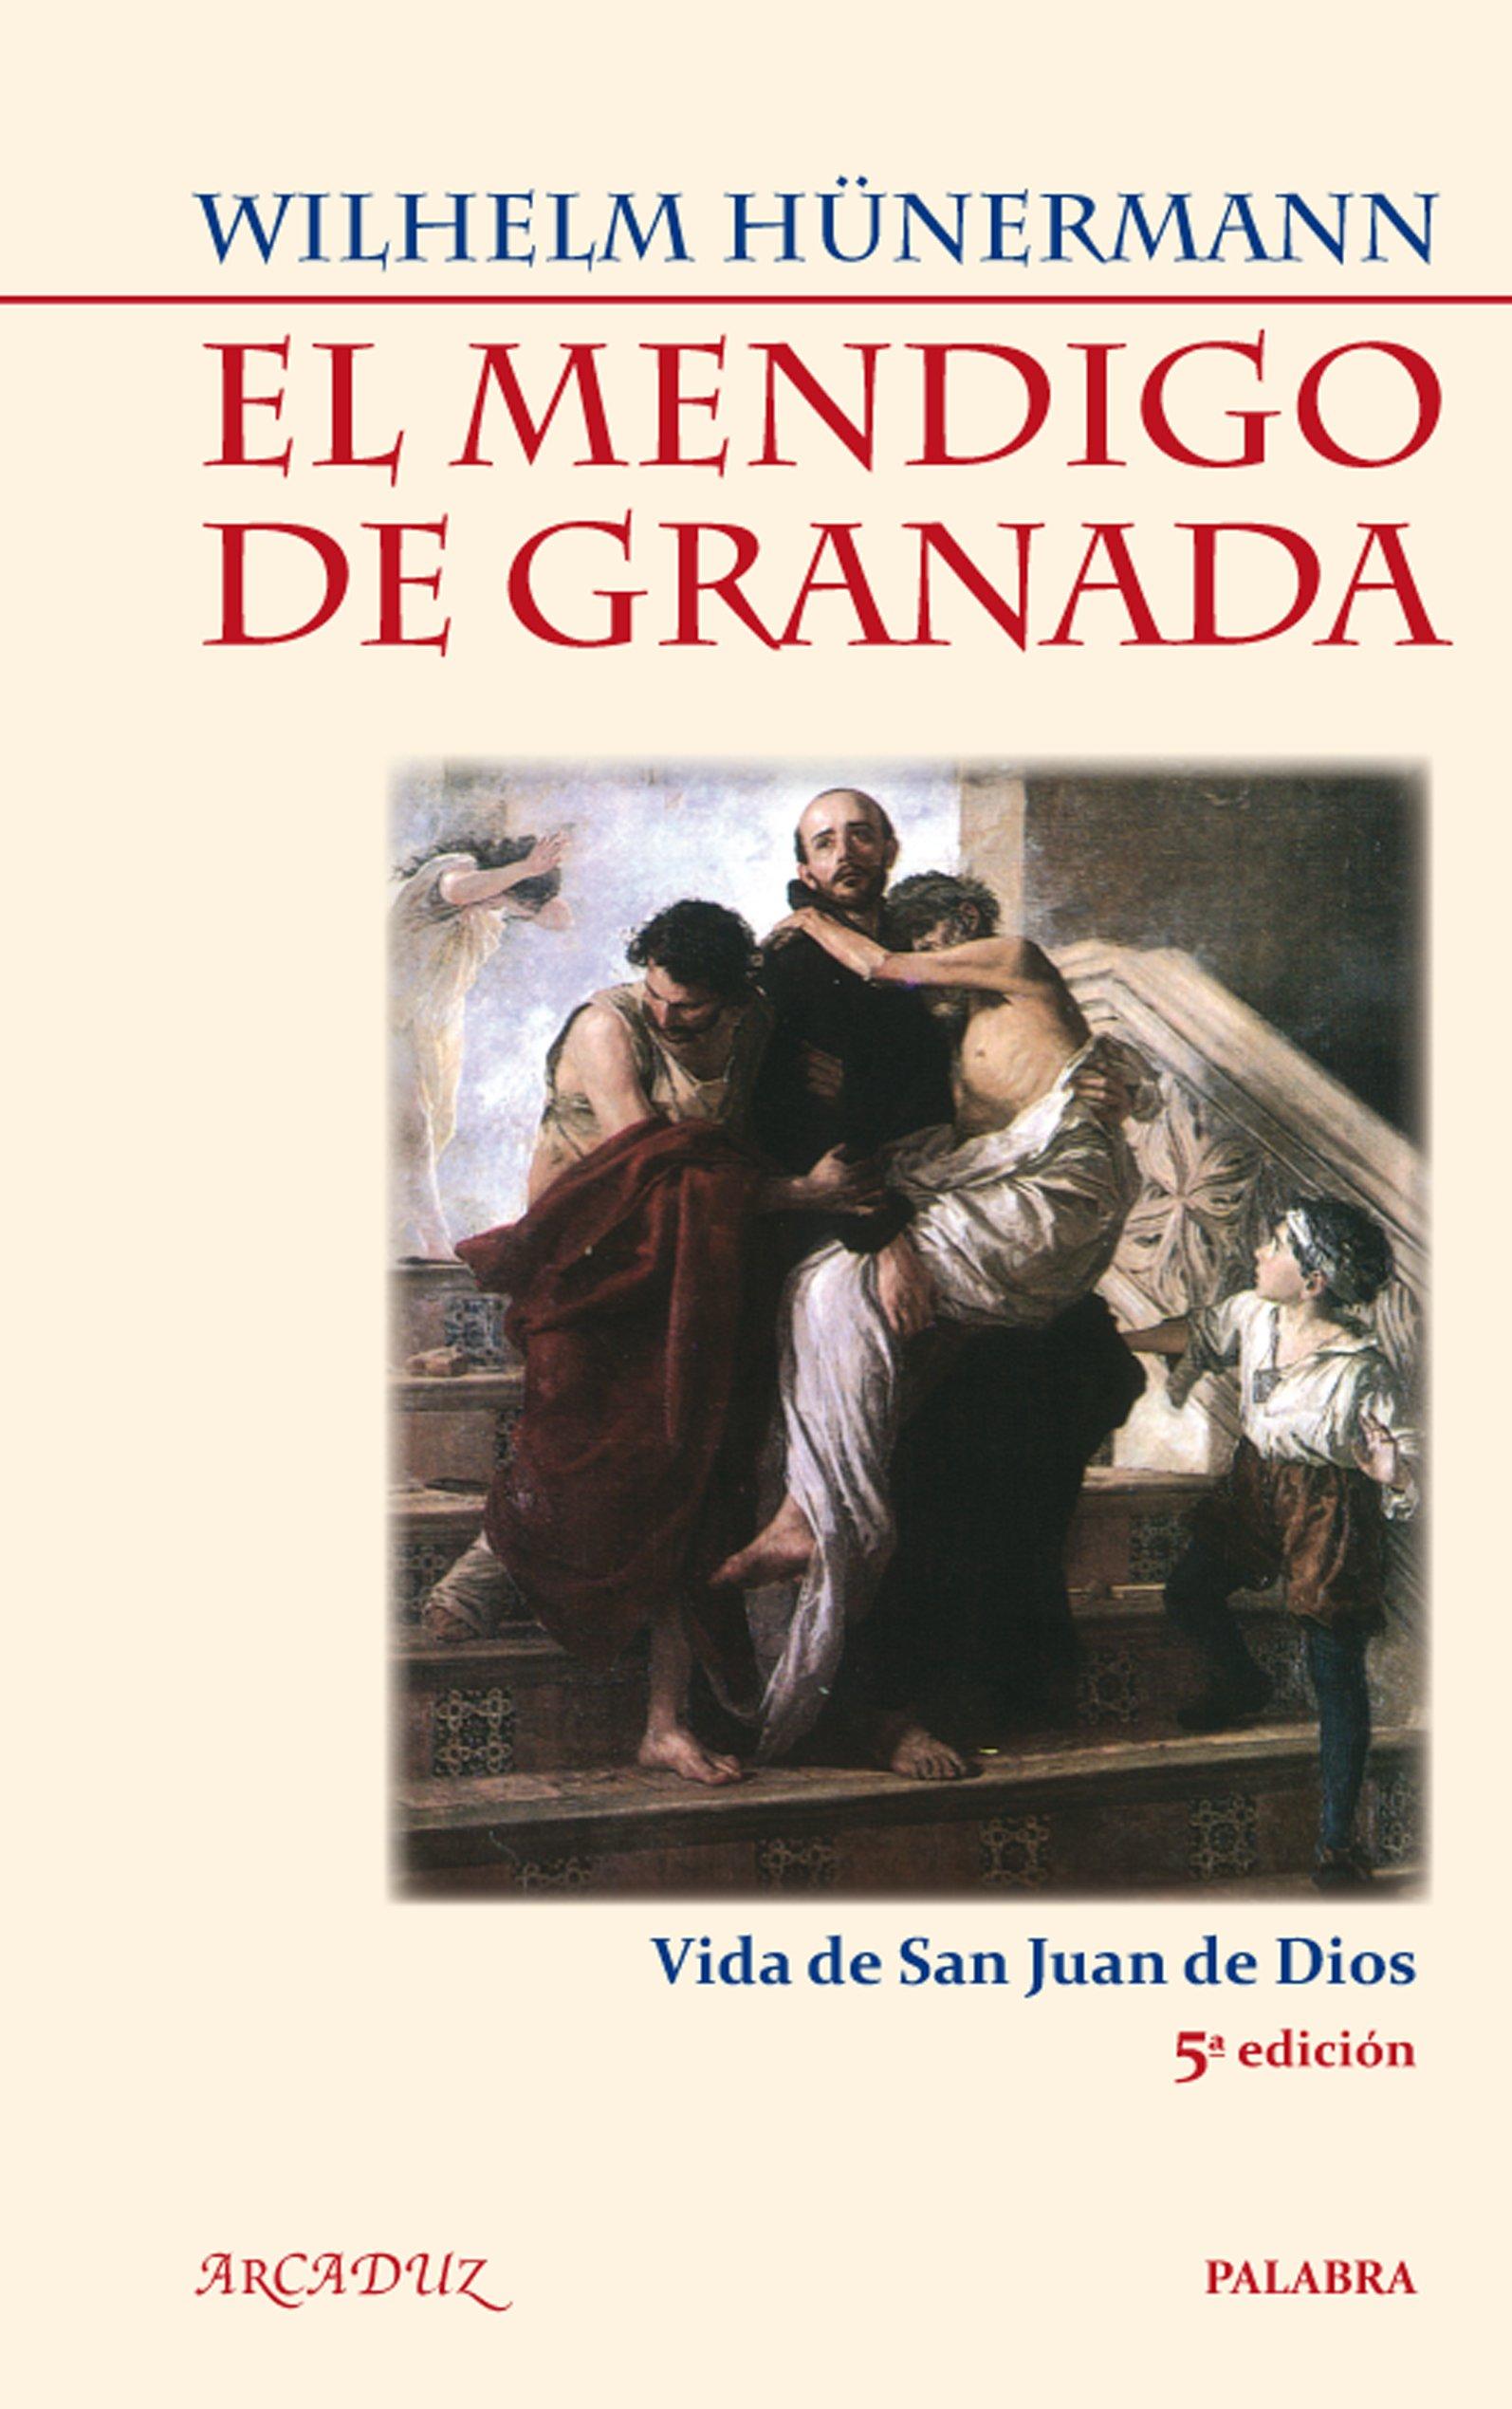 El mendigo de Granada (Arcaduz): Amazon.es: Hünermann, Wilhelm, Villar Ponz, Mercedes: Libros